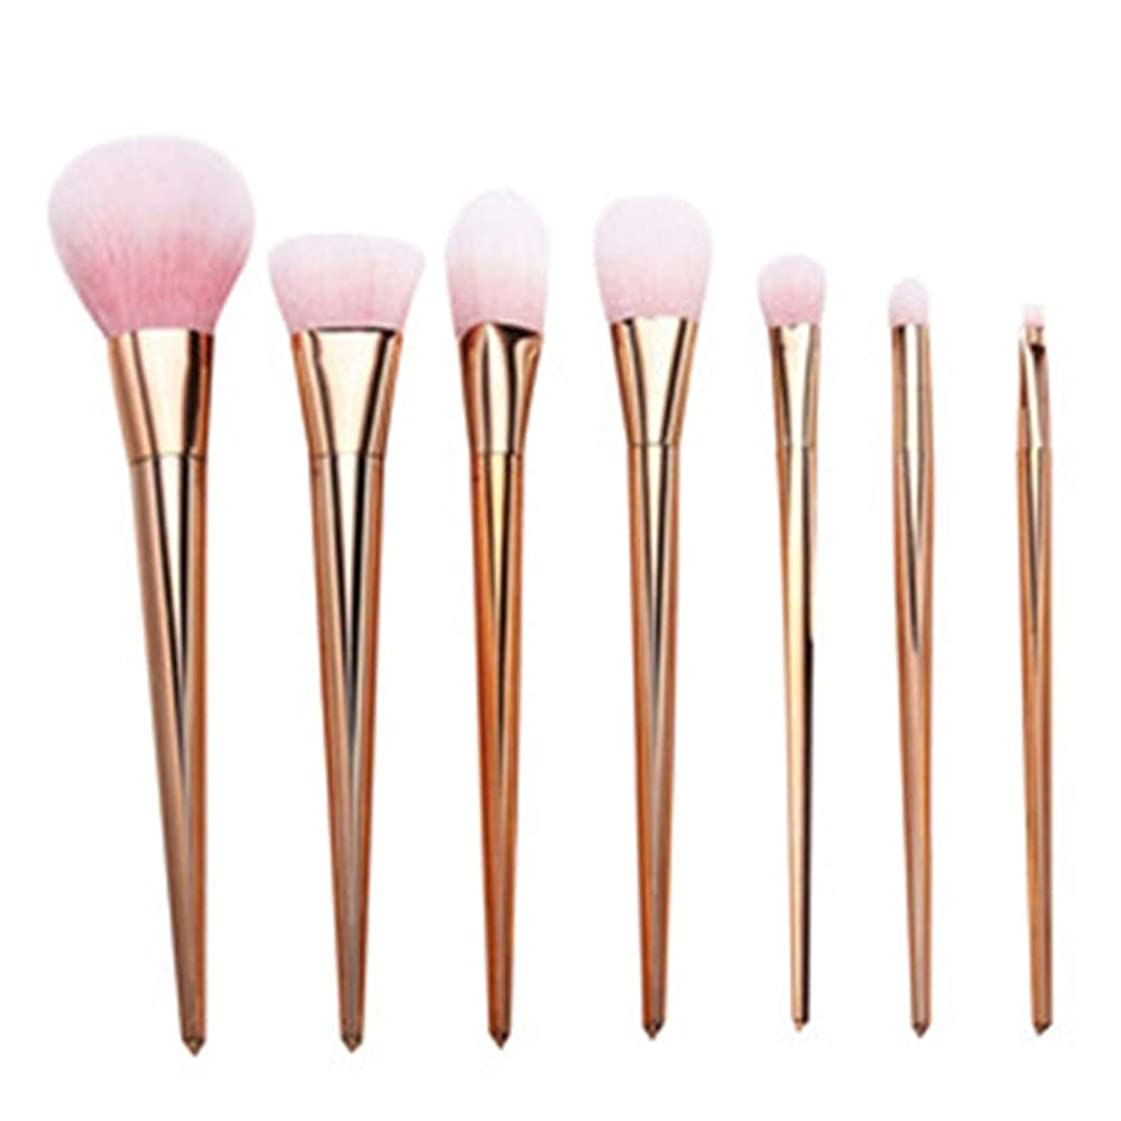 散文刺します角度プロ メイクブラシ 化粧筆 シリーズ 化粧ブラシセット 高級タクロン 超柔らかい 可愛い リップブラシツール 7本セット (Color : Rose Gold)